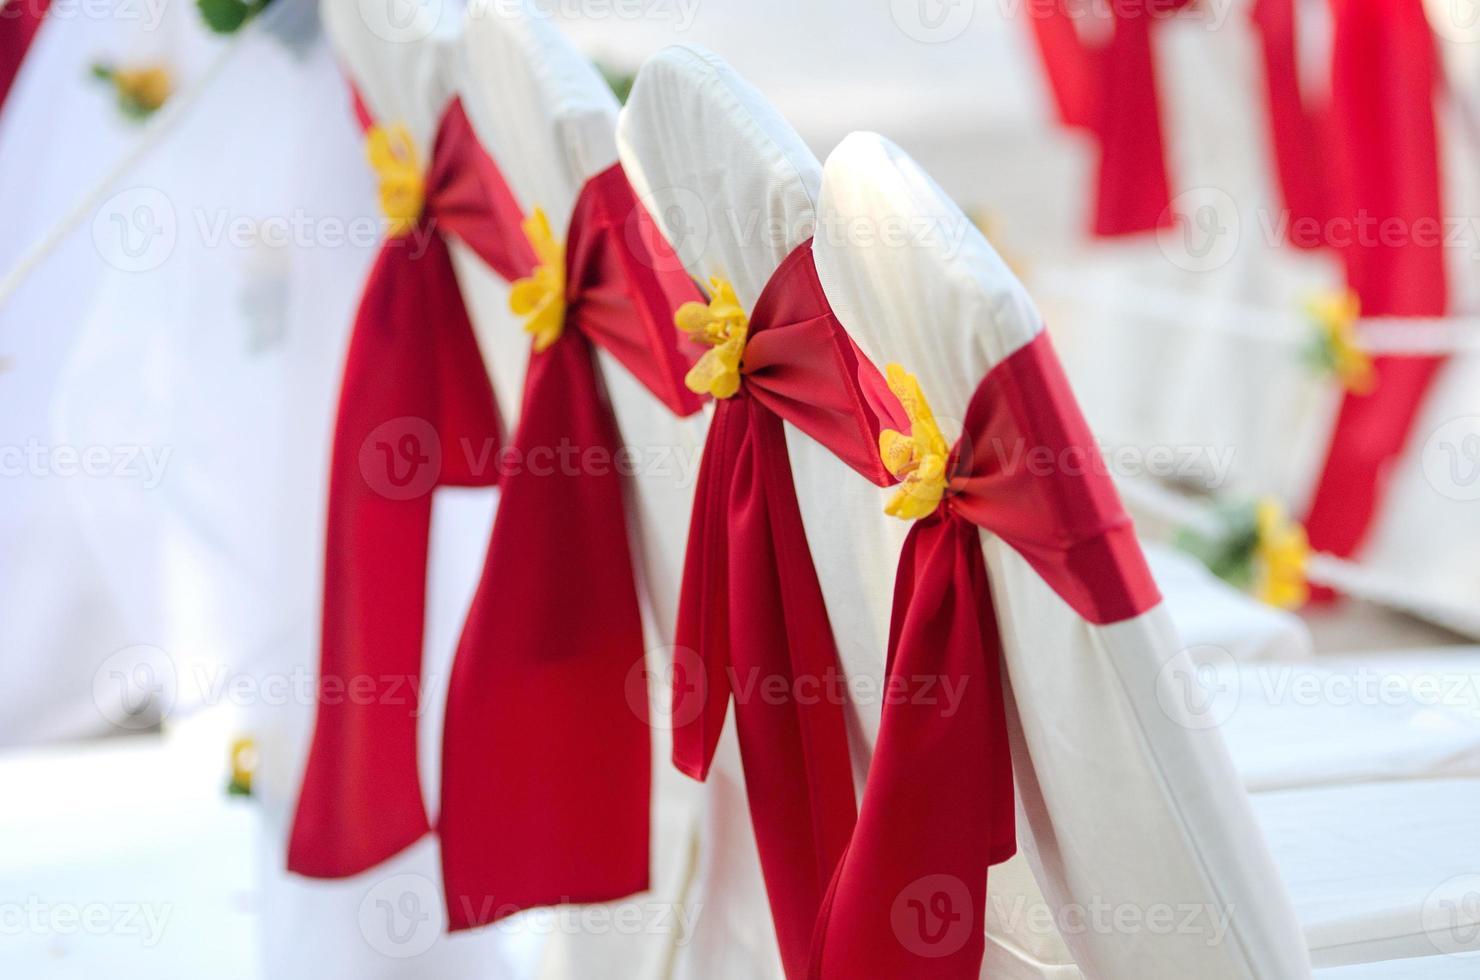 casamento, mesa nupcial e cadeiras decoradas com fita vermelha foto